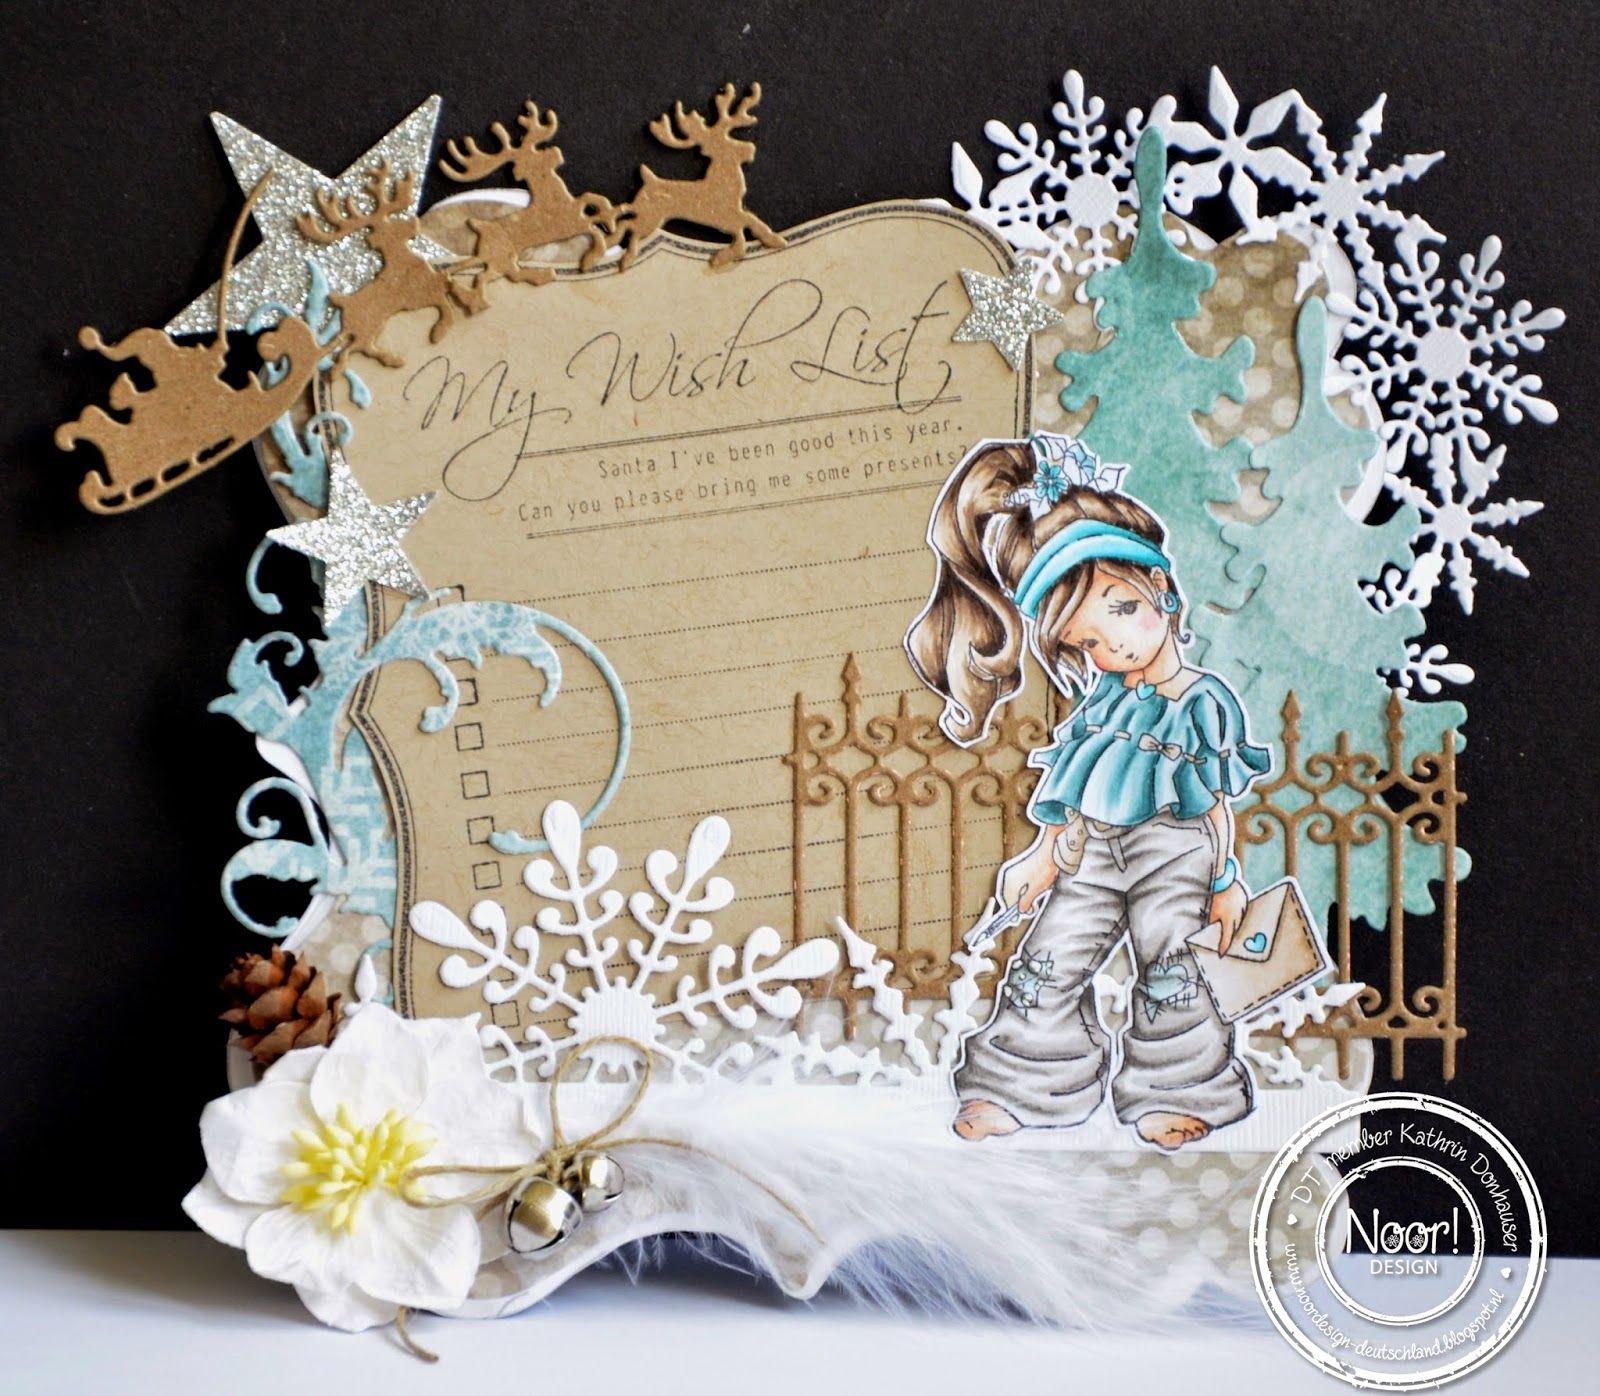 Pin by gurkiss gurkissan on scrapbooking jul christmas pinterest basteln basteln - Niedliche weihnachtskarten ...